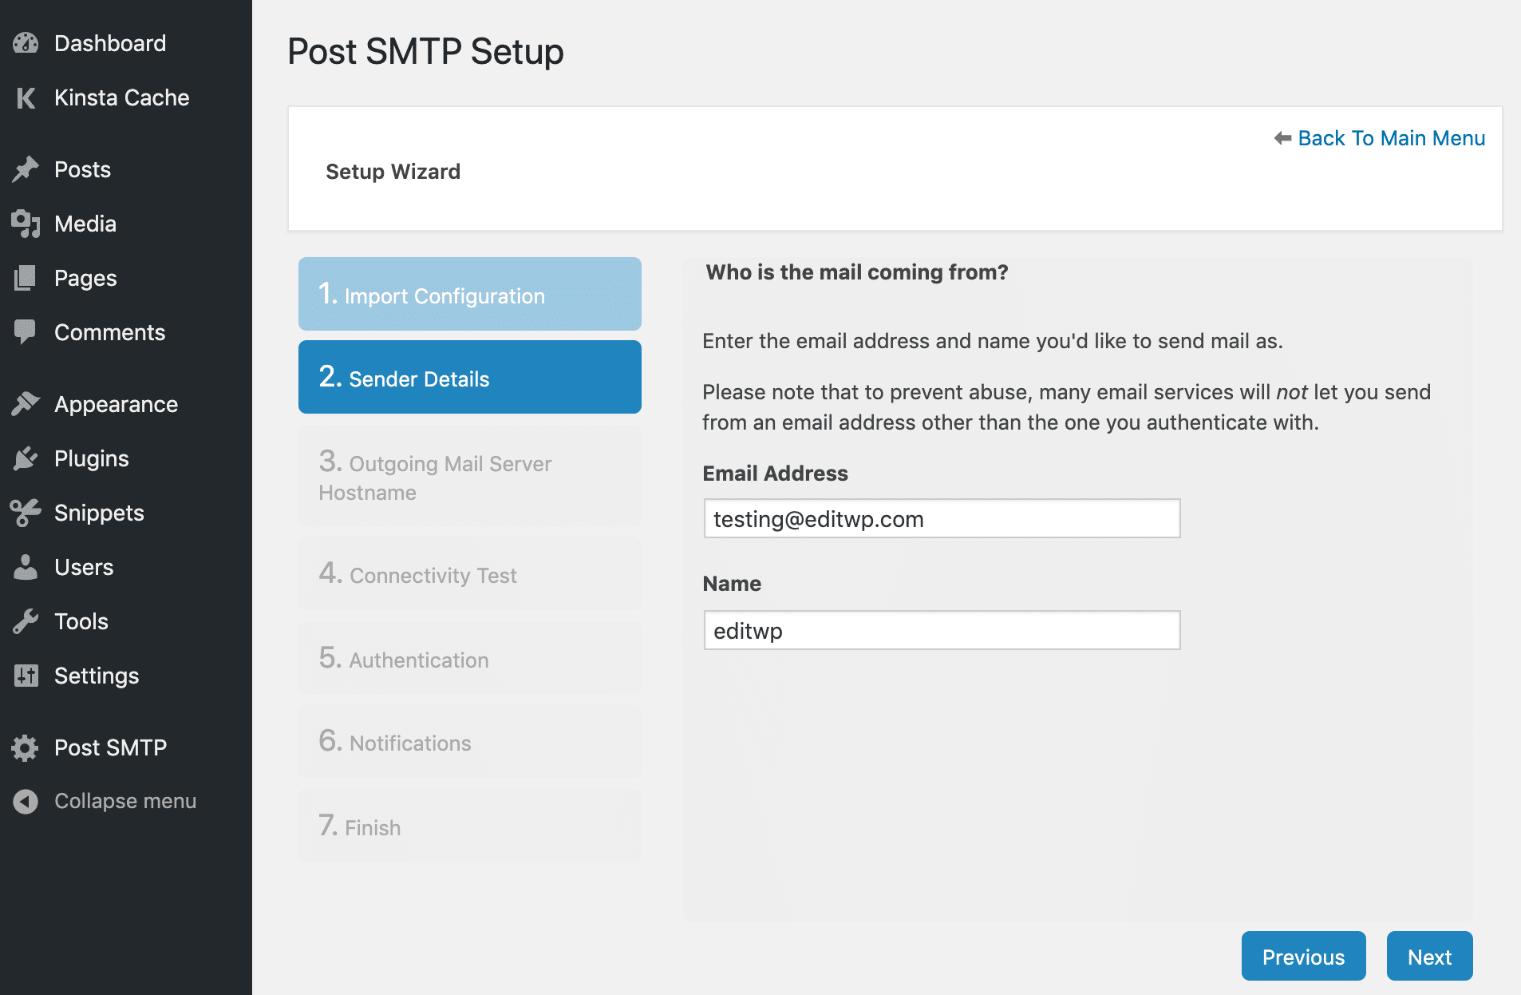 Afficher les détails de l'expéditeur SMTP